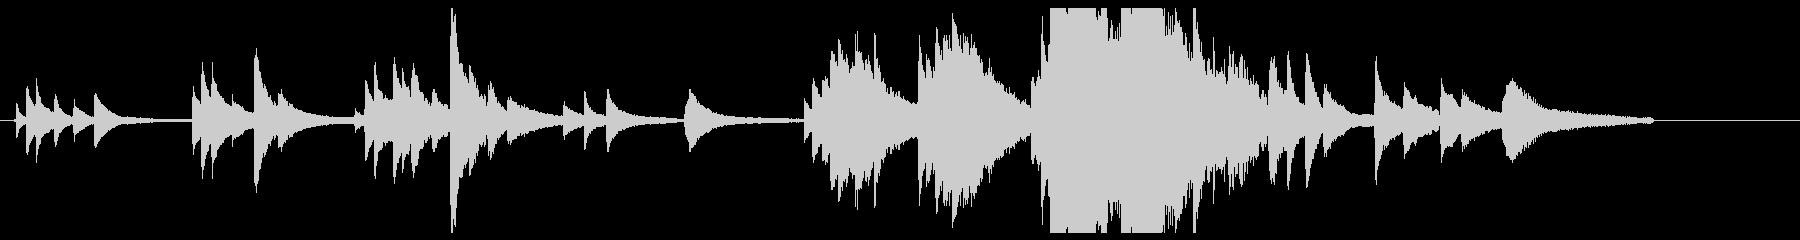 儚い、ピアノとストリングスの短いテーマの未再生の波形